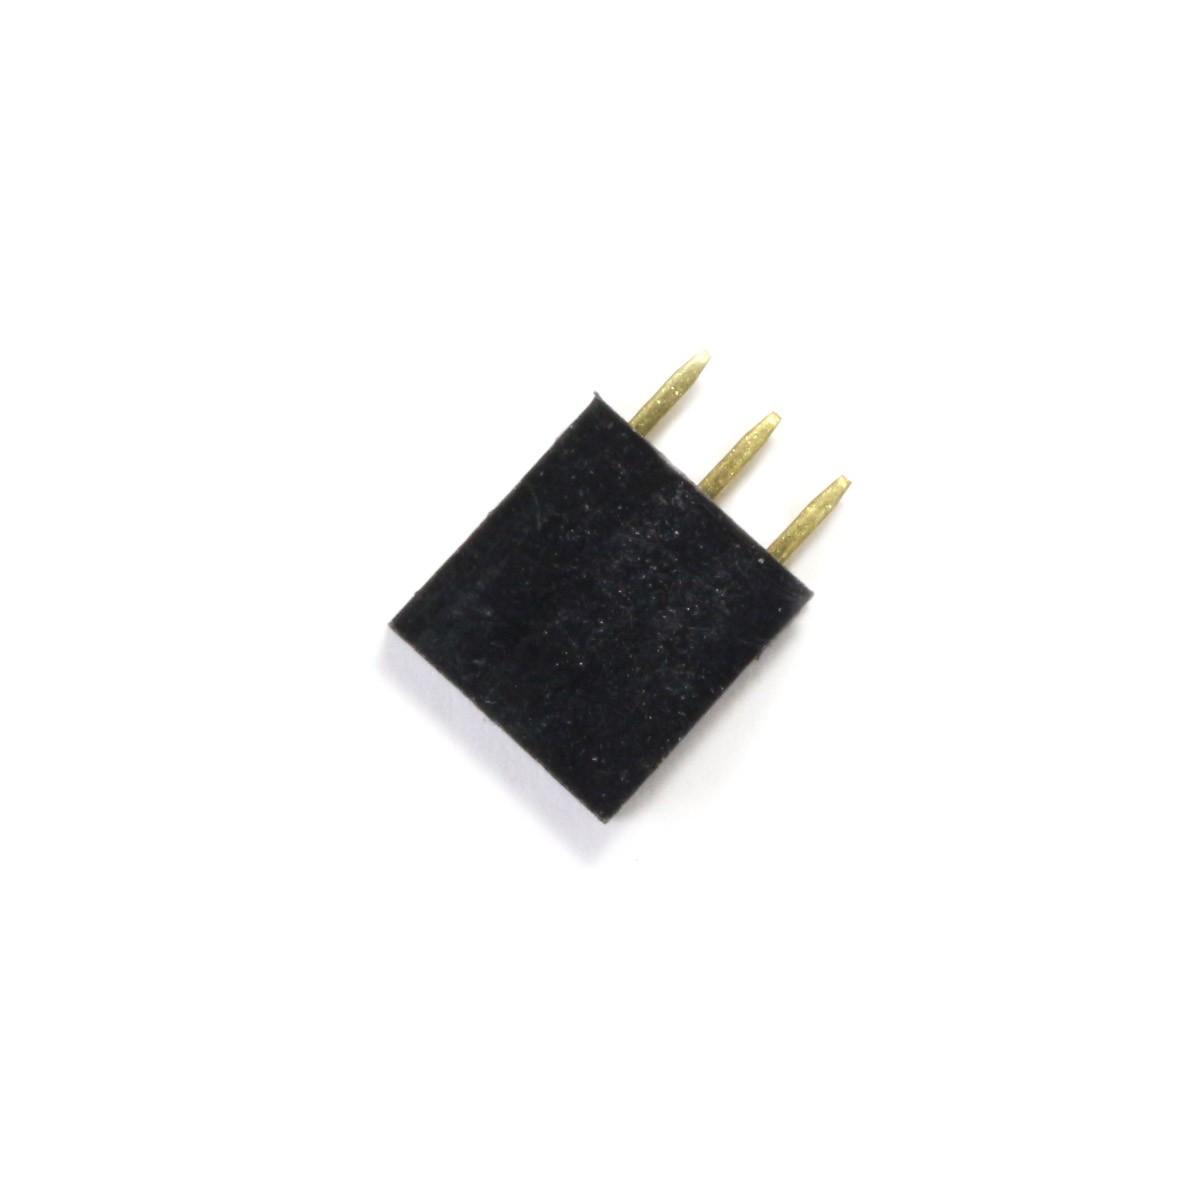 Connecteur Barrette Droit Femelle / Mâle 1x4 Pins Écartement 2.54mm